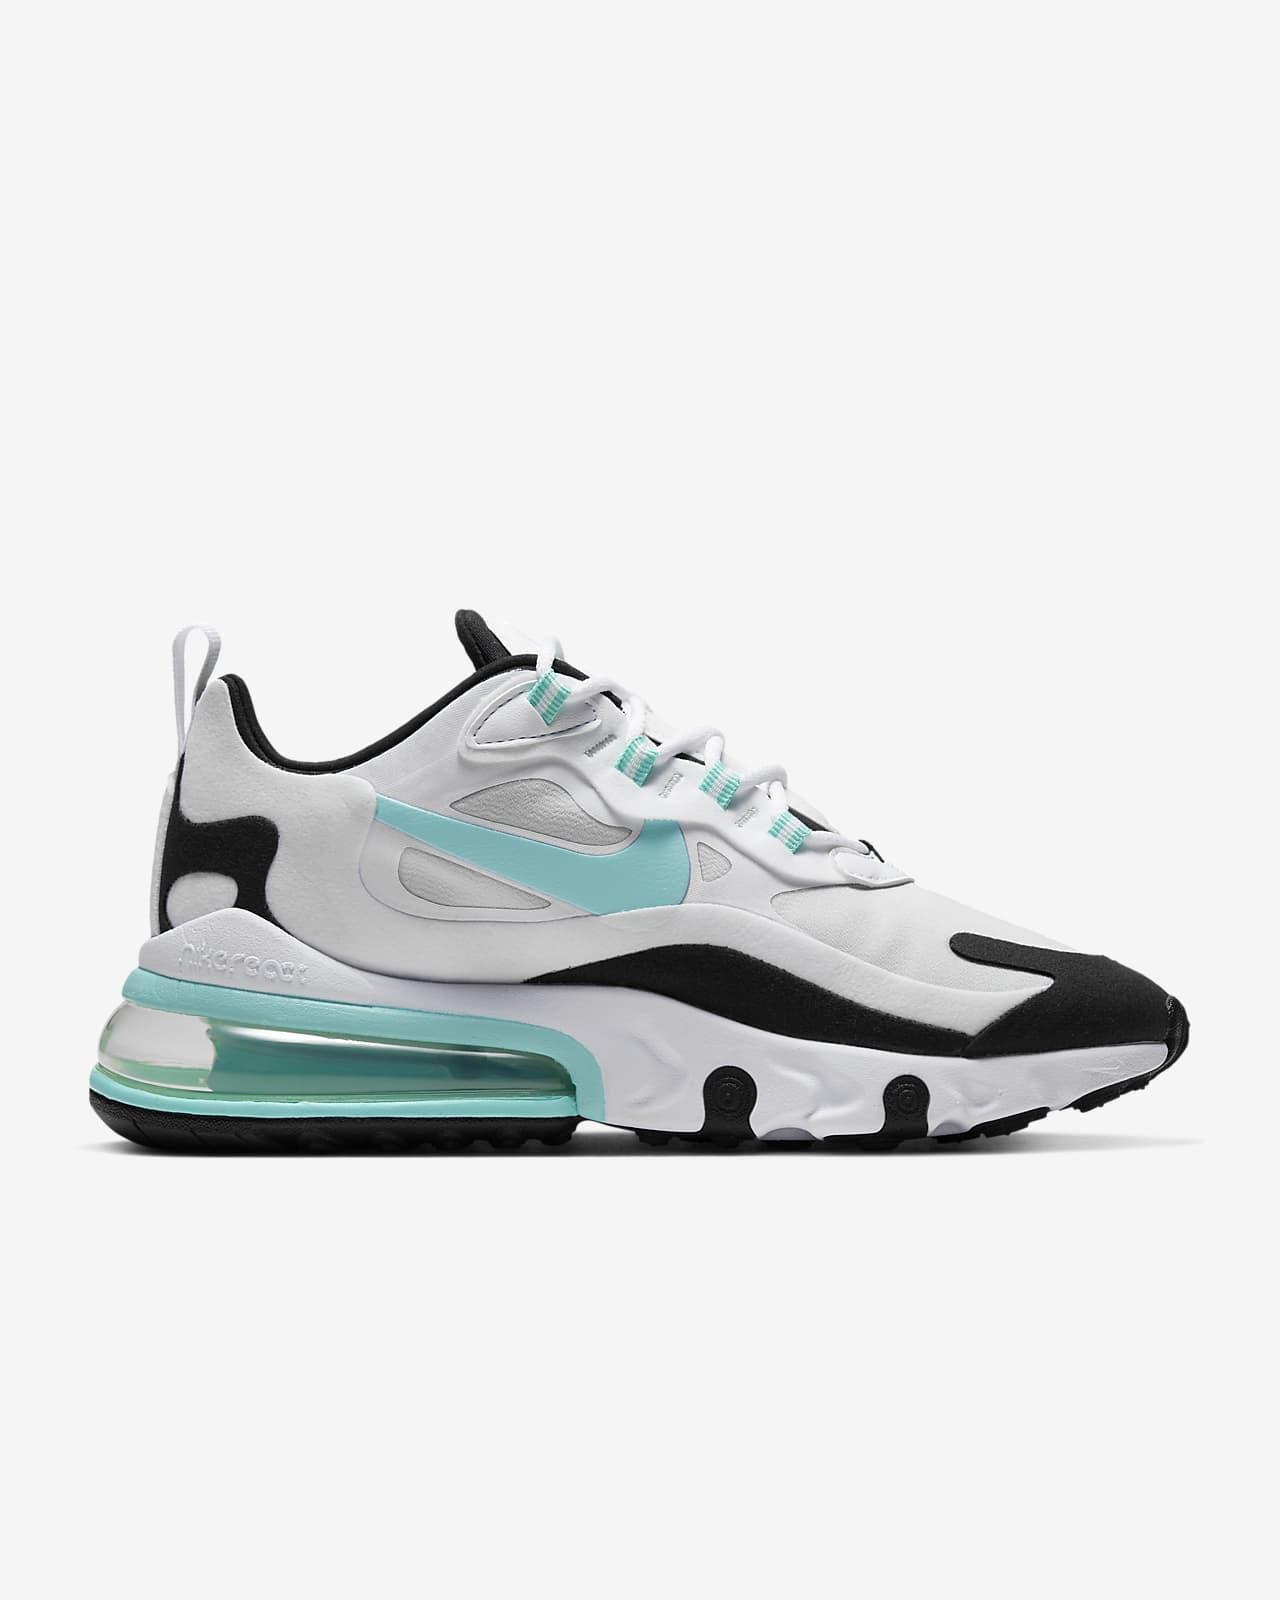 los zapatos nike 270 2020